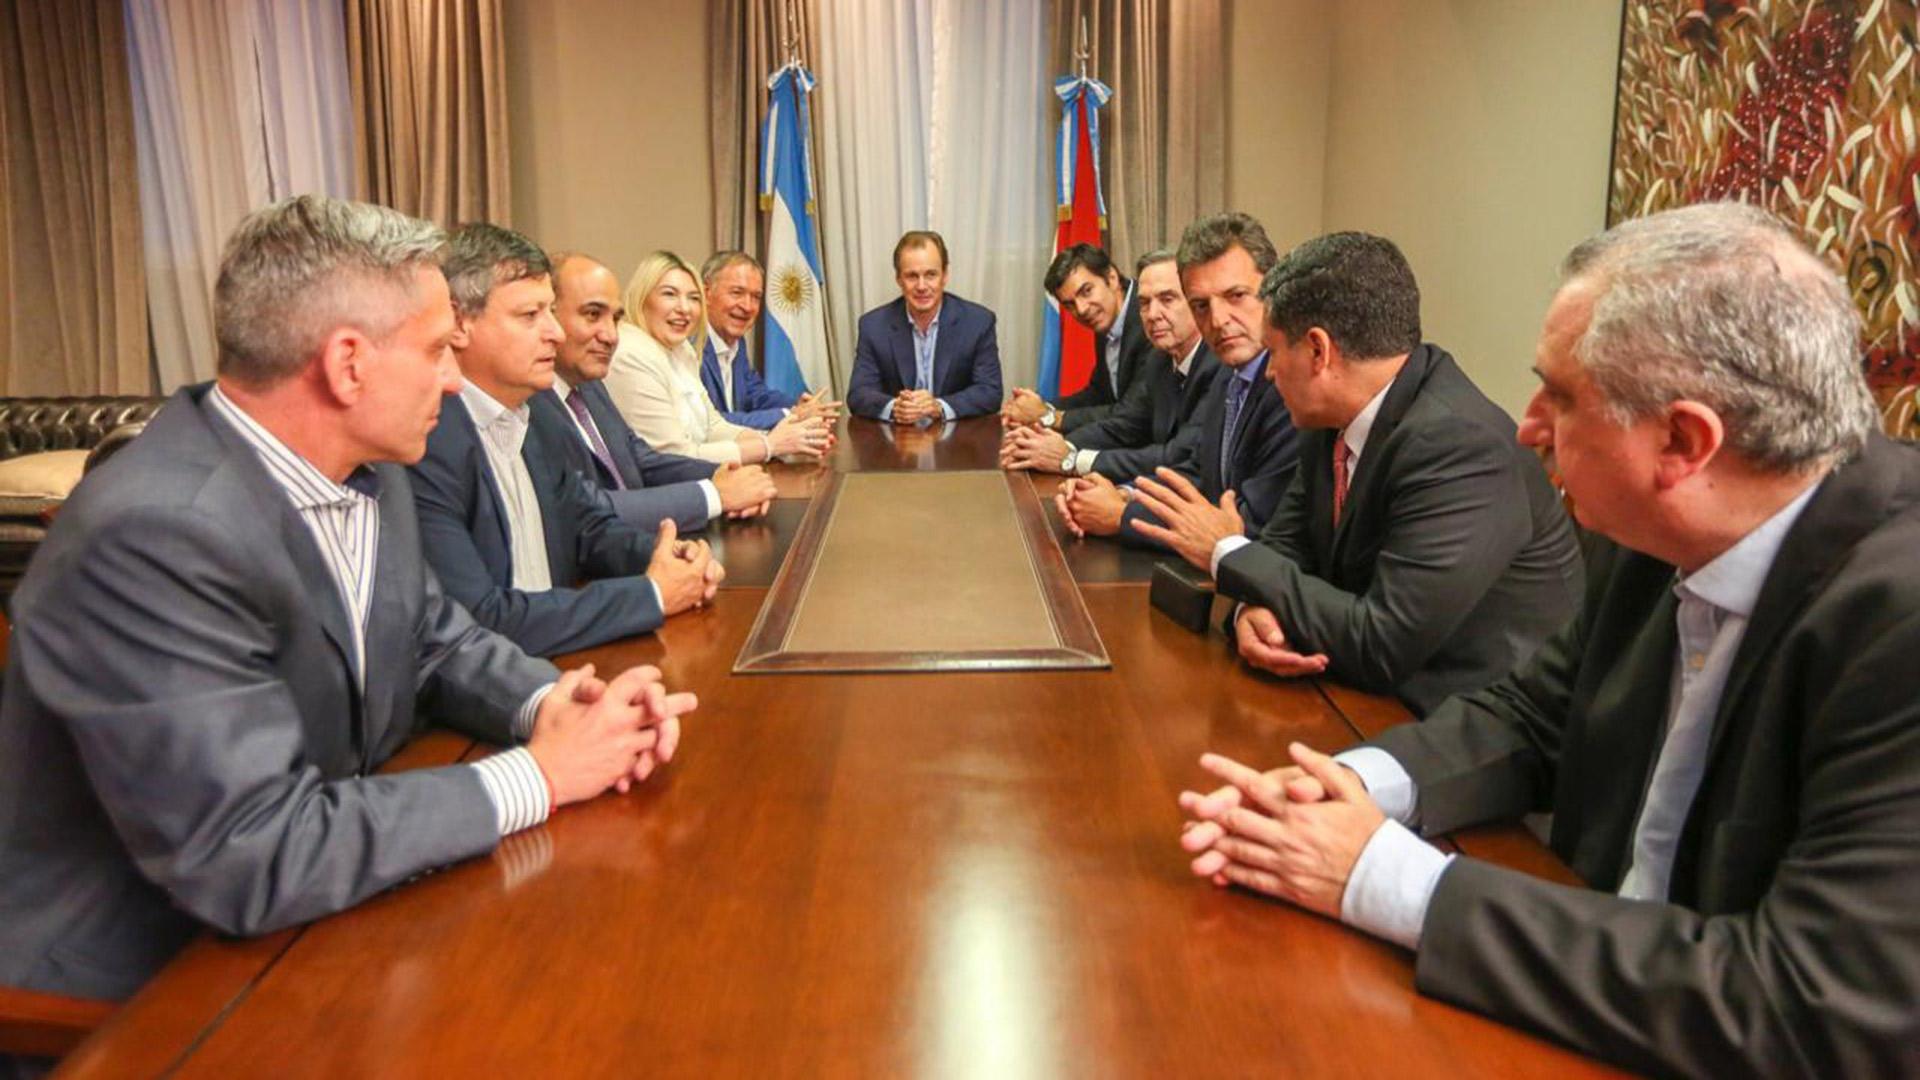 El mandatario conversa con los gobernadores justicialistas sobre la conveniencia de no excluir a nadie en un gran frente opositor